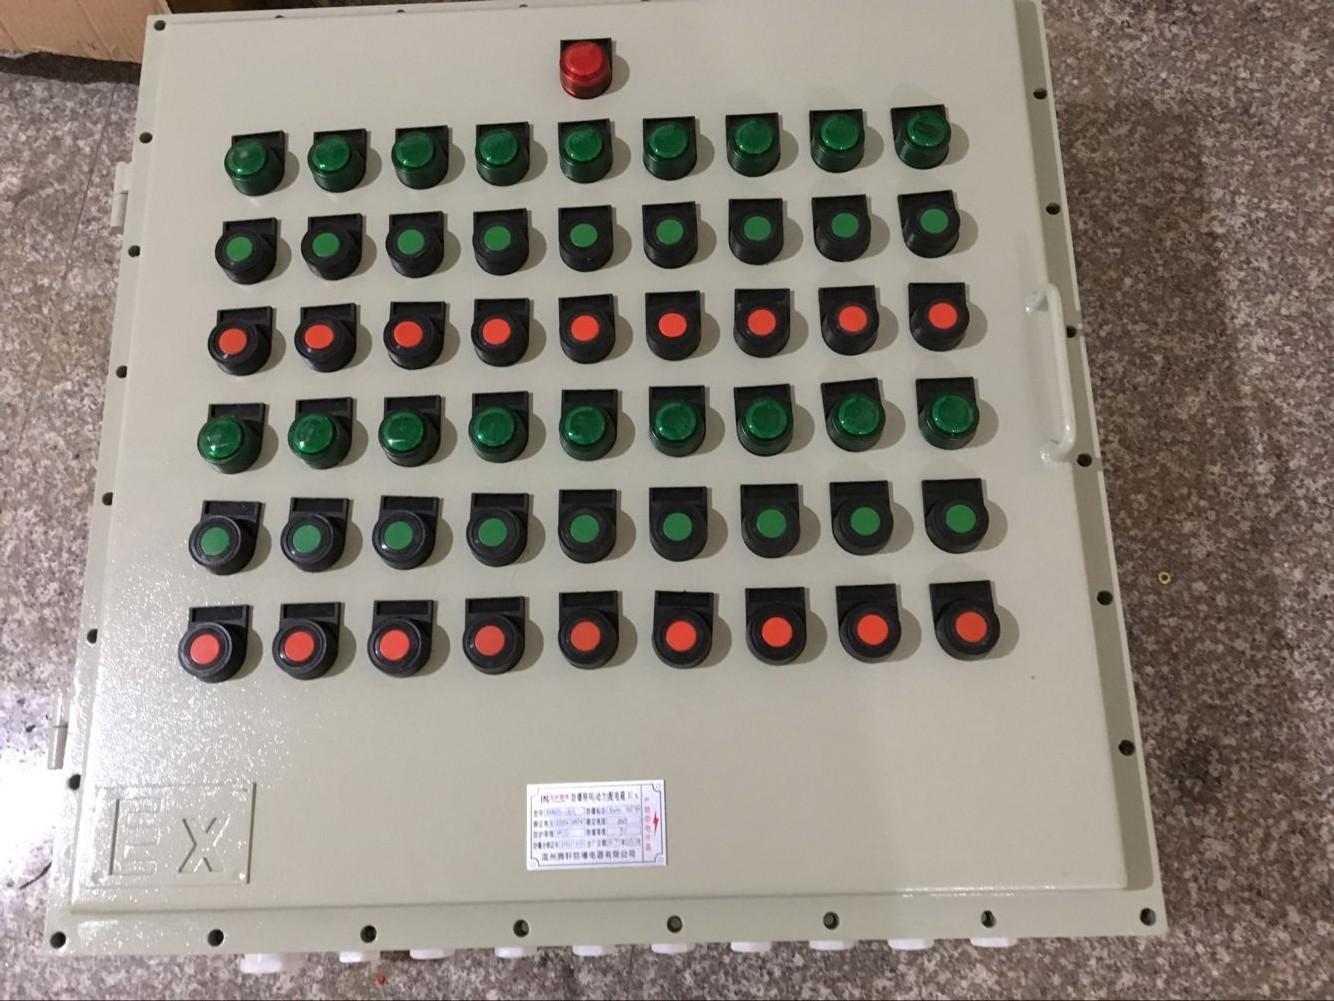 风机防爆控制按钮箱产品特点:   1.外壳采用ZL102铝合金压铸成型,表面高压静电喷塑,不锈钢外露紧固件;   2.具有防水、防尘等性能;   3.按钮、开关、指示灯、电流表等组成多功能,由用户自由选择;   4.内装防爆元件引进德国技术生产、美观精致、经久耐用;   5.